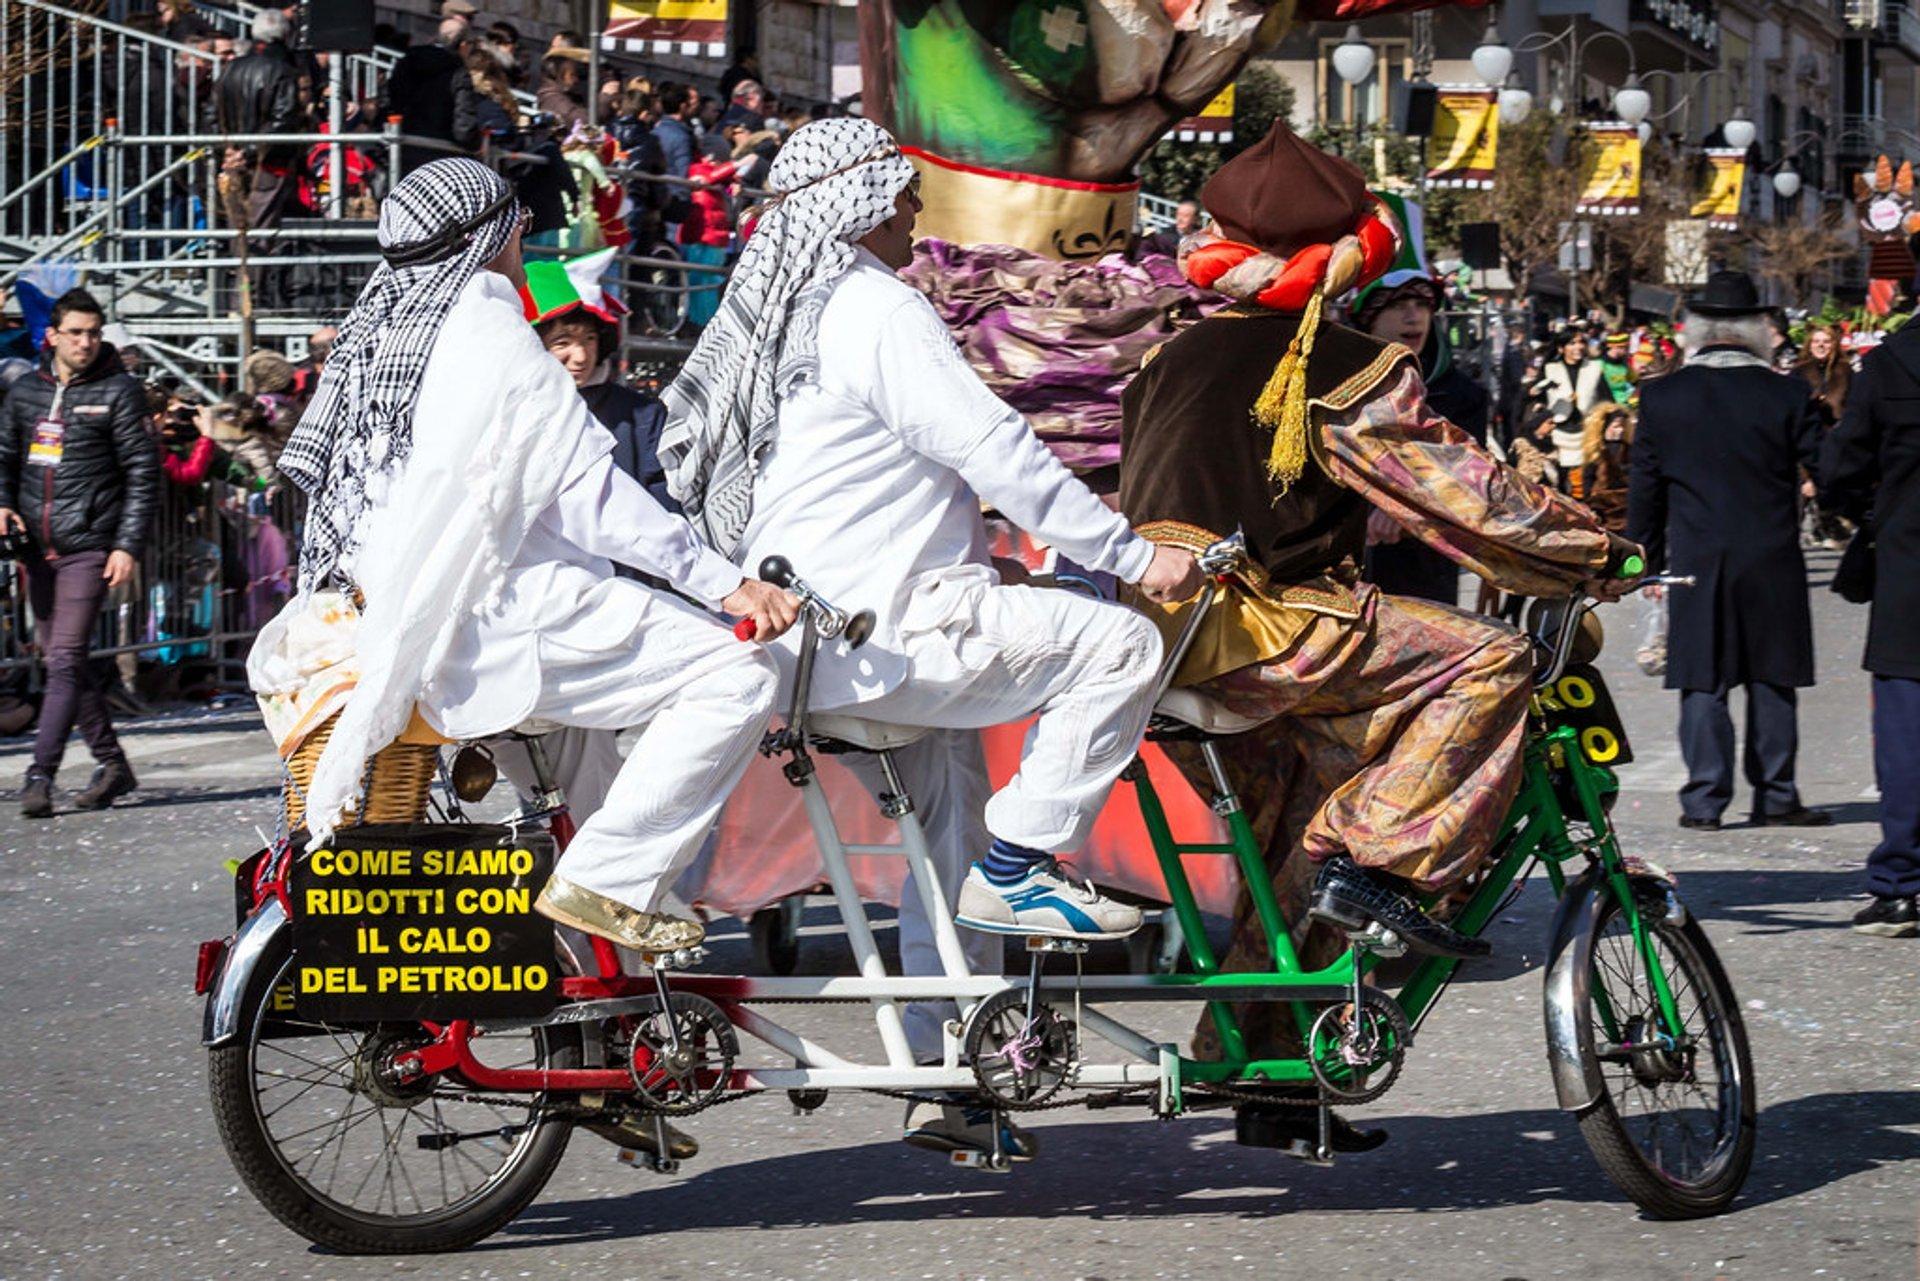 Carnevale di Putignano, Bari, Italy 2020